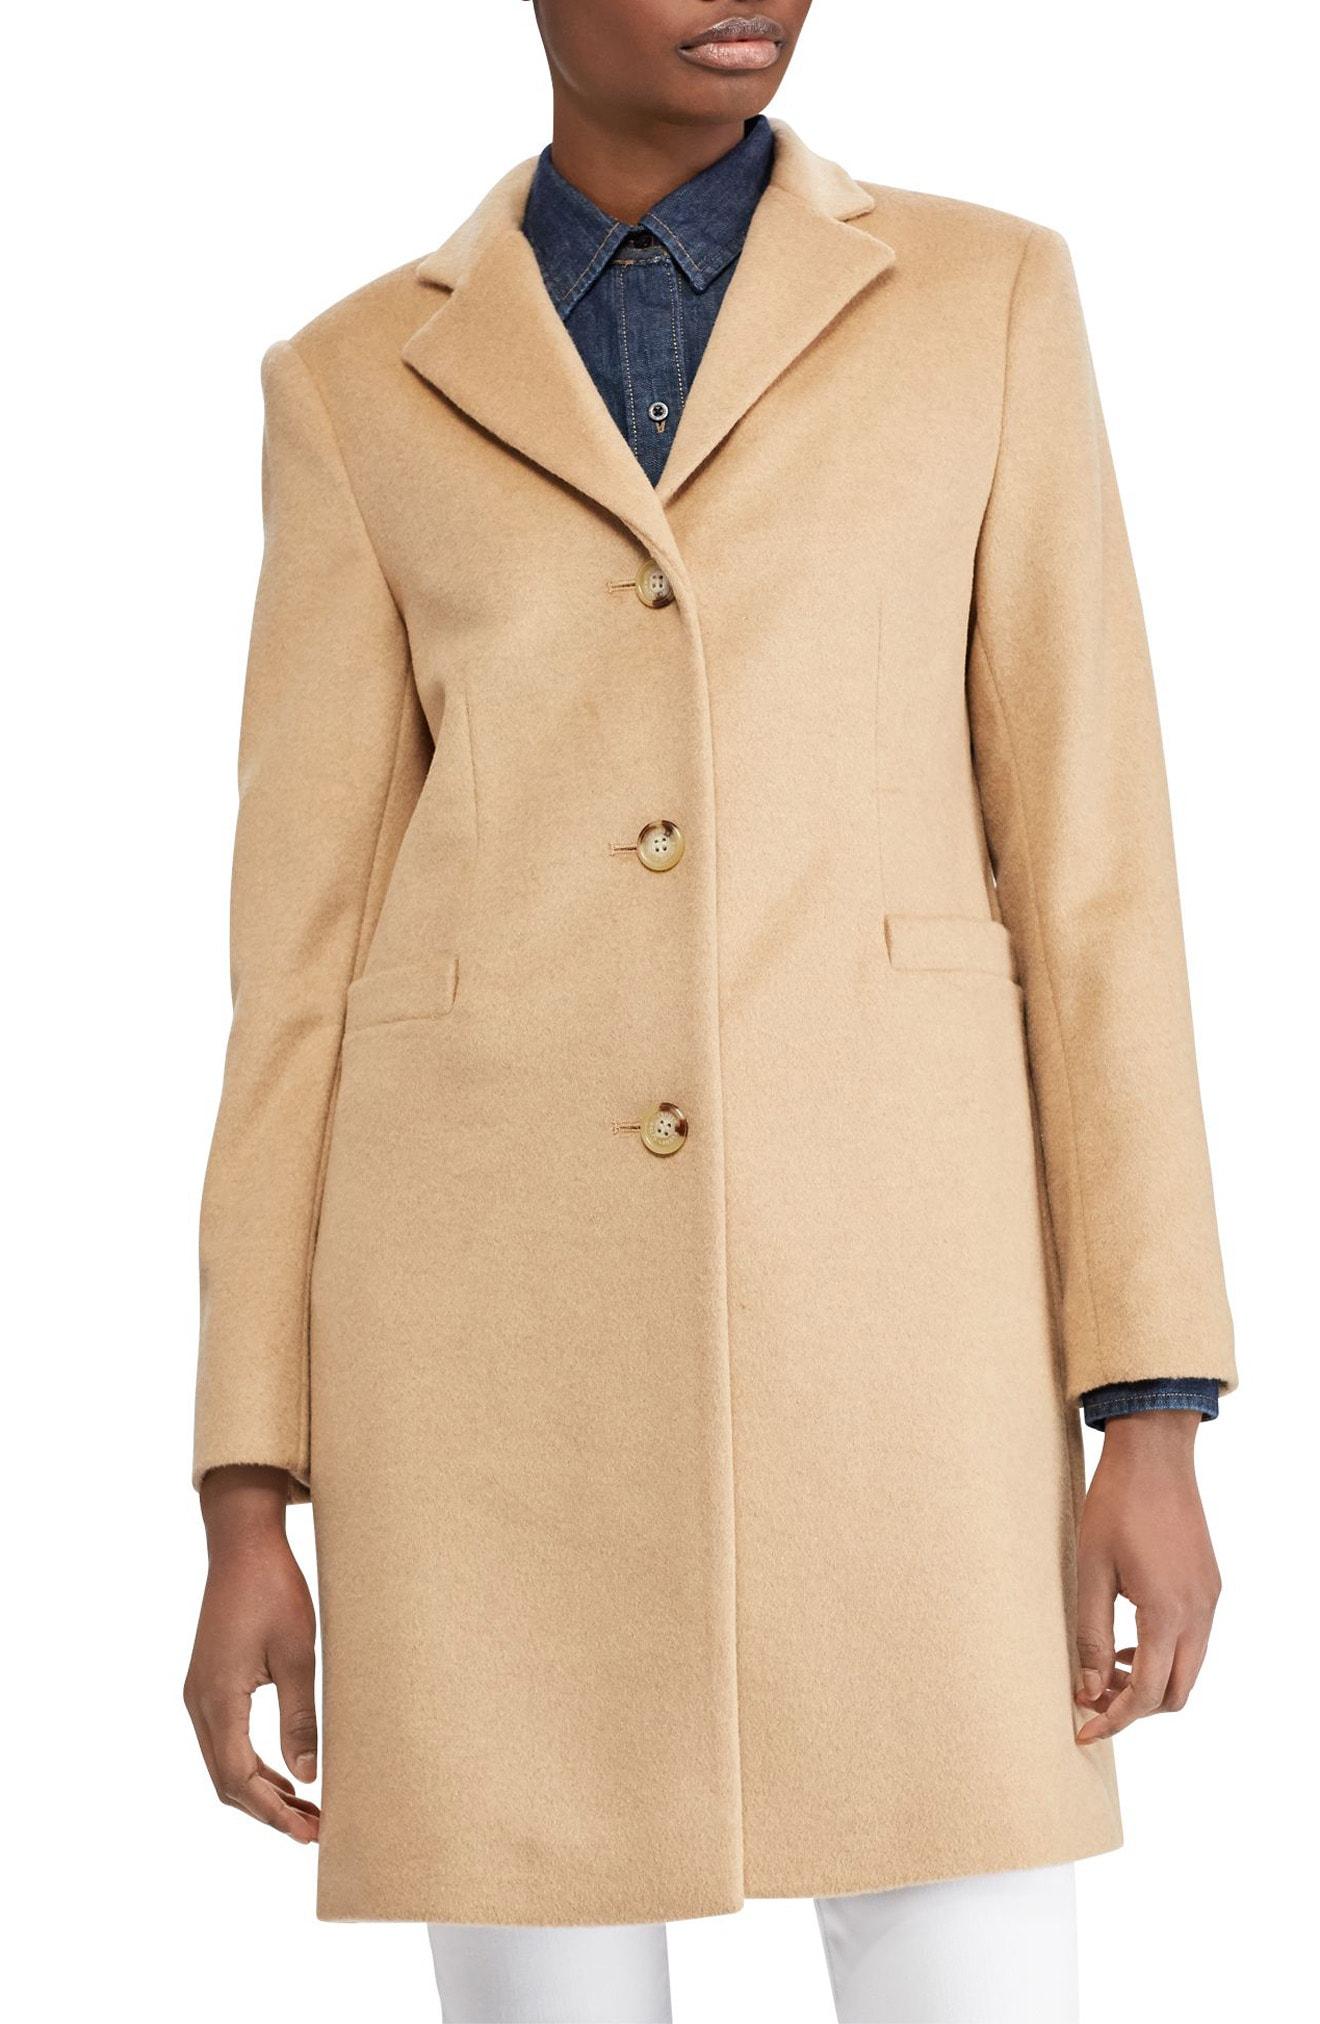 Women's Coats & Jackets | Nordstrom